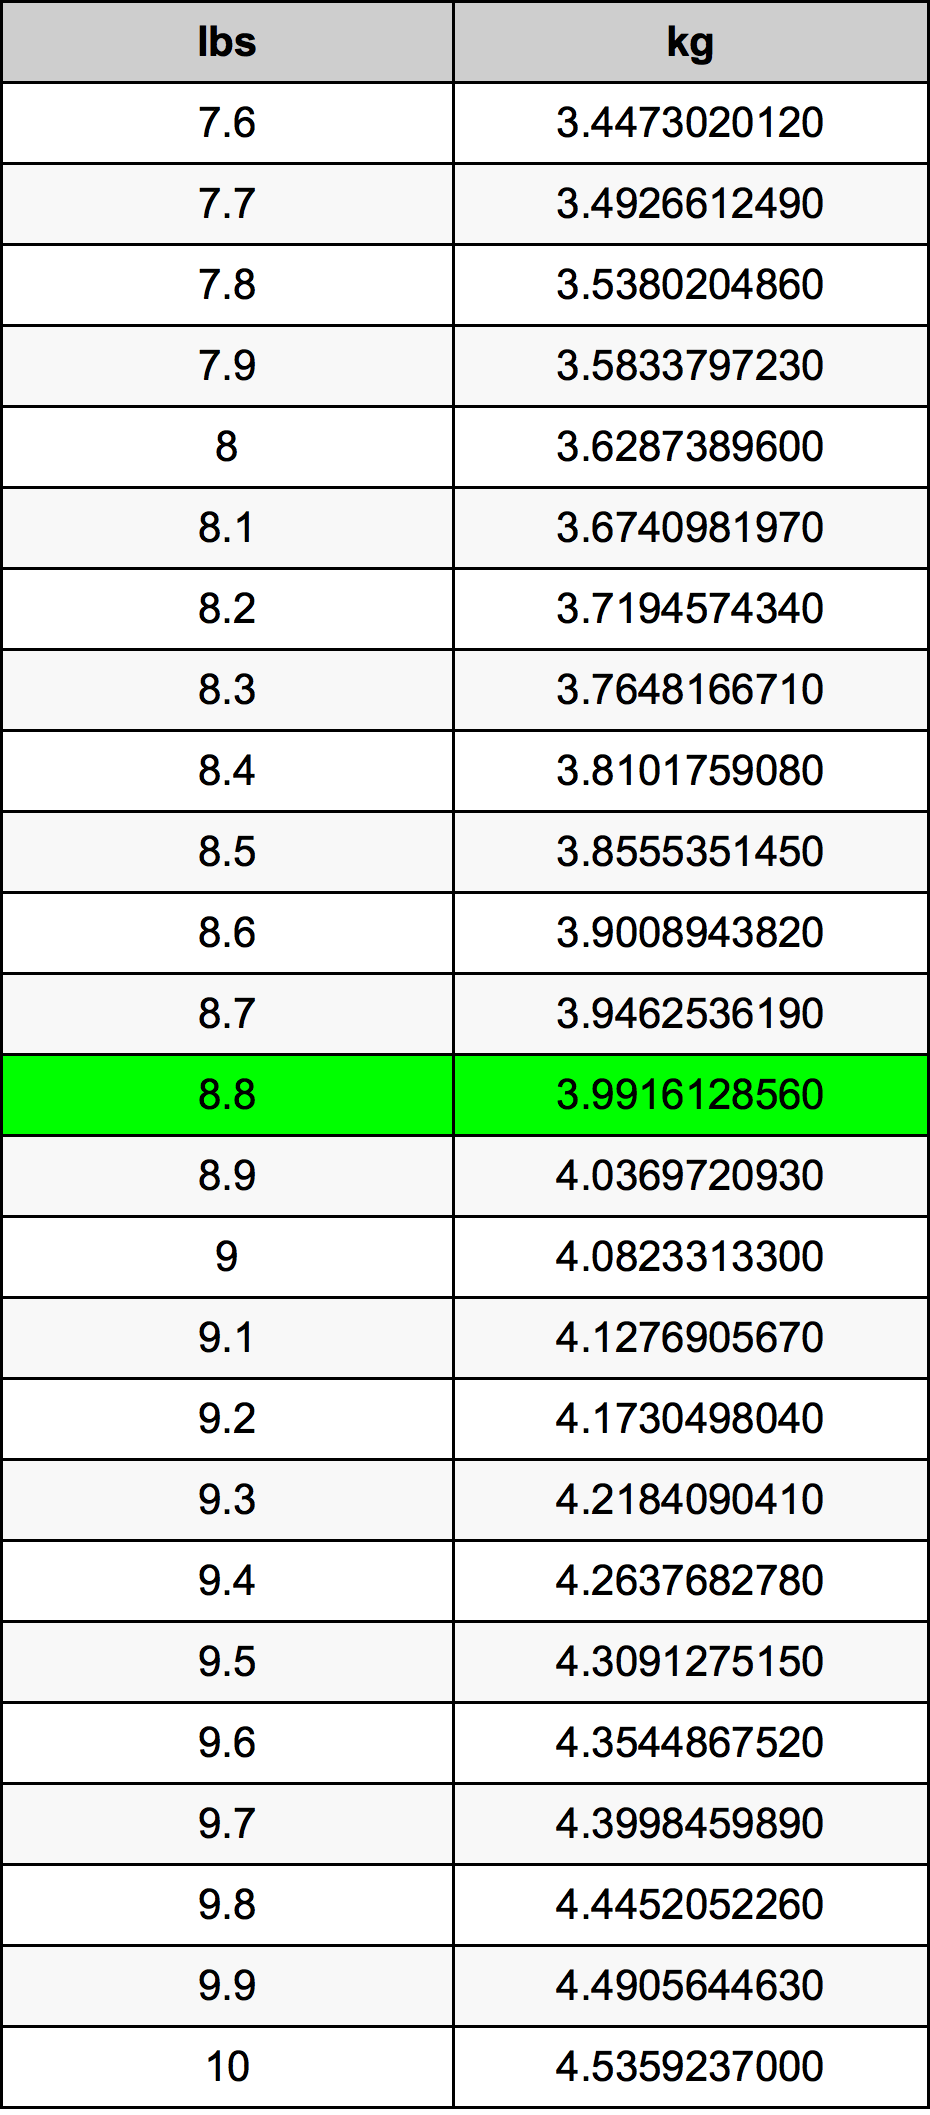 8.8 Svaras konversijos lentelę